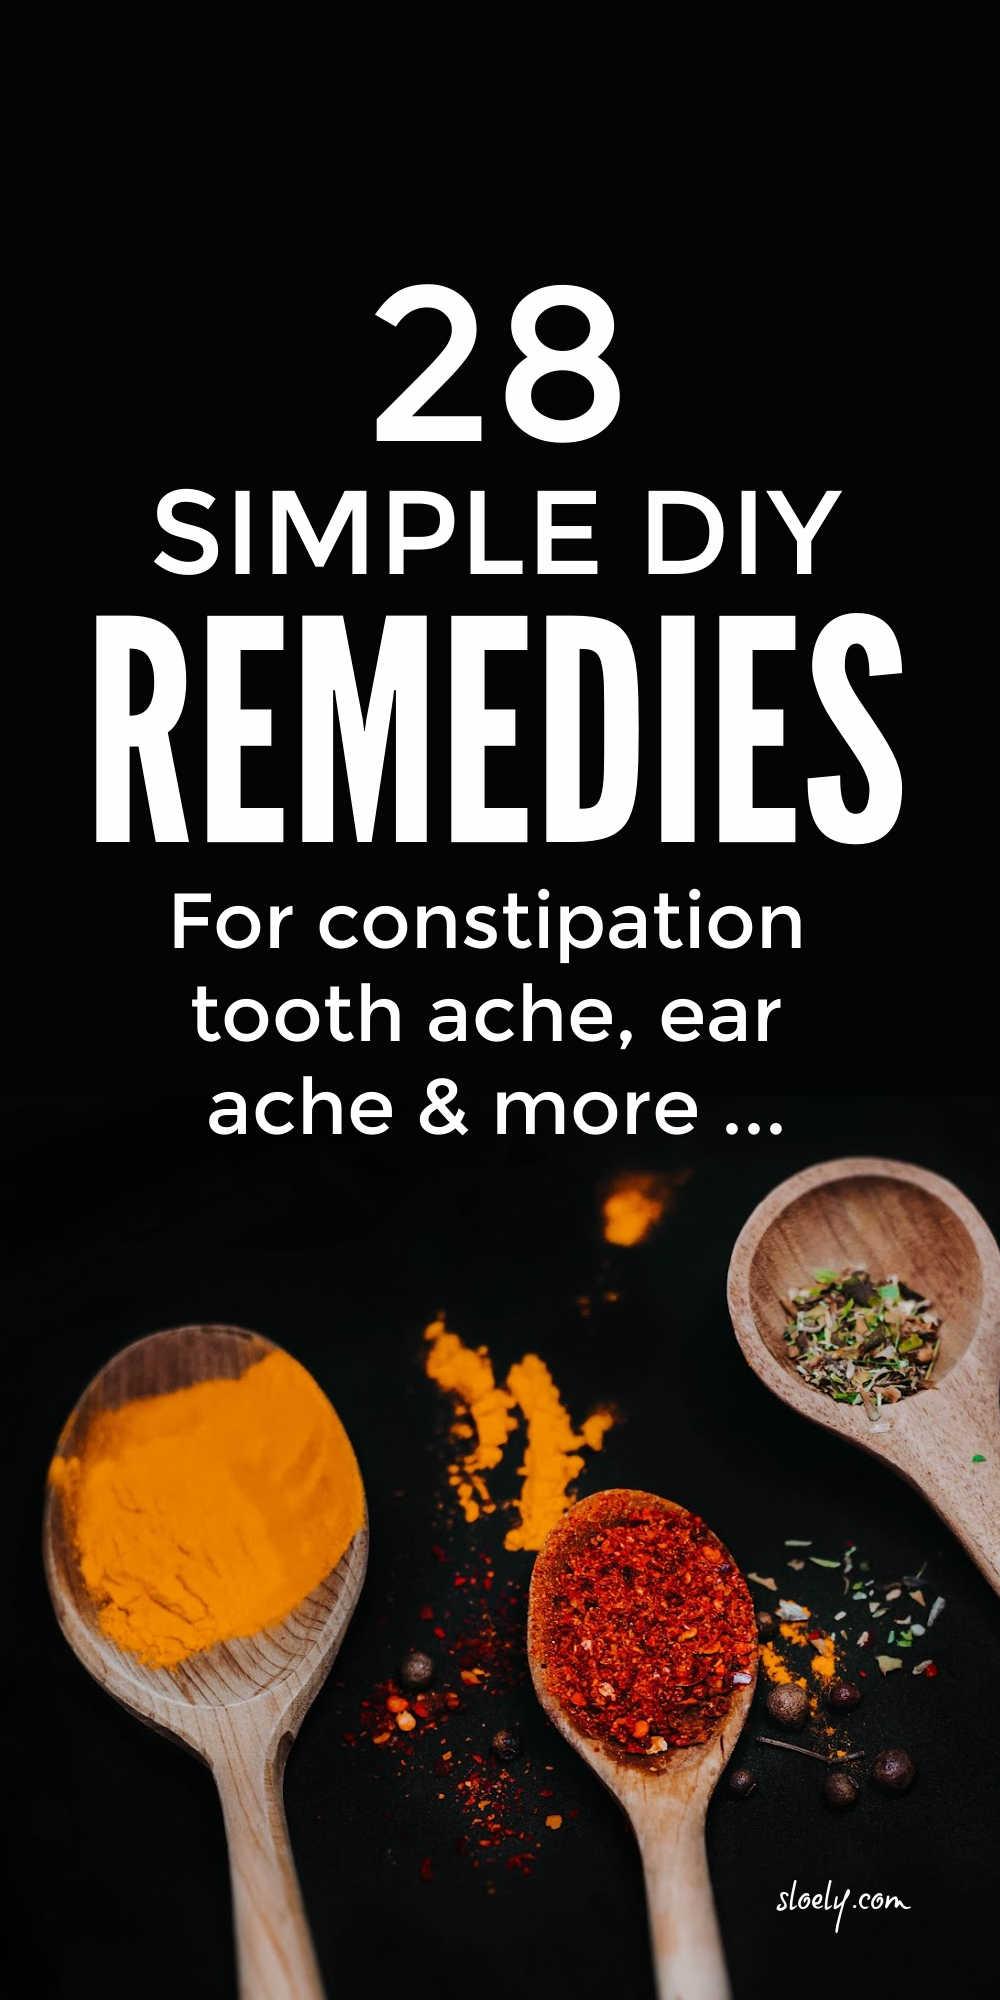 Simple DIY Health Remedies